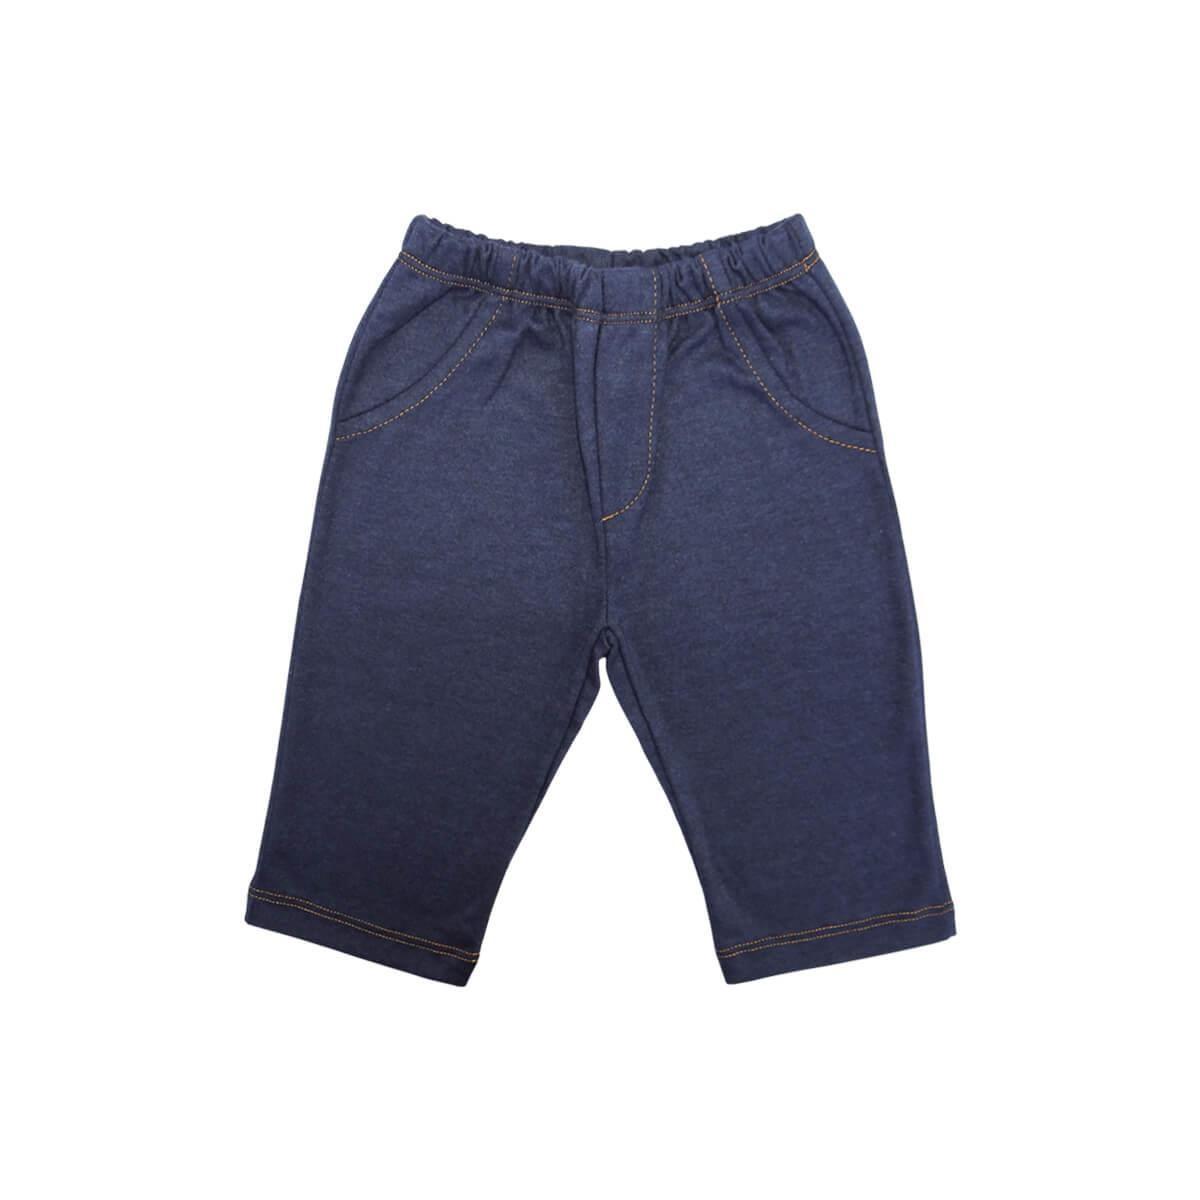 Calça Masculina Jeans  - Piu Blu